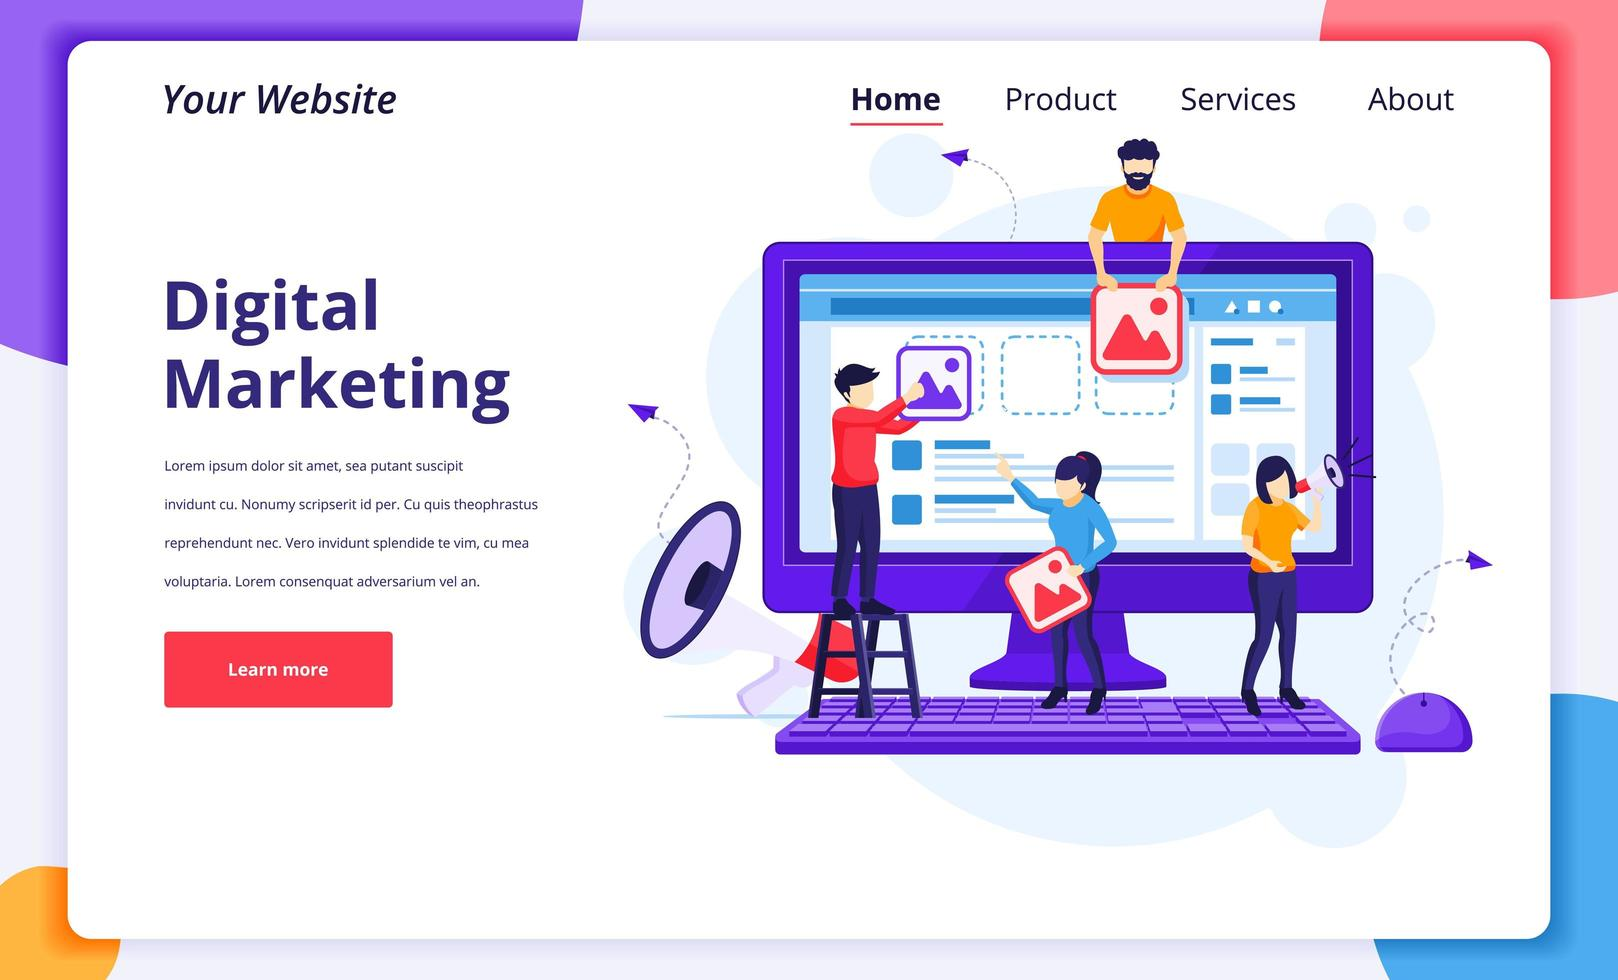 digitalt marknadsföringskoncept, arbetare som laddar upp bilder för att marknadsföra produkter vektor